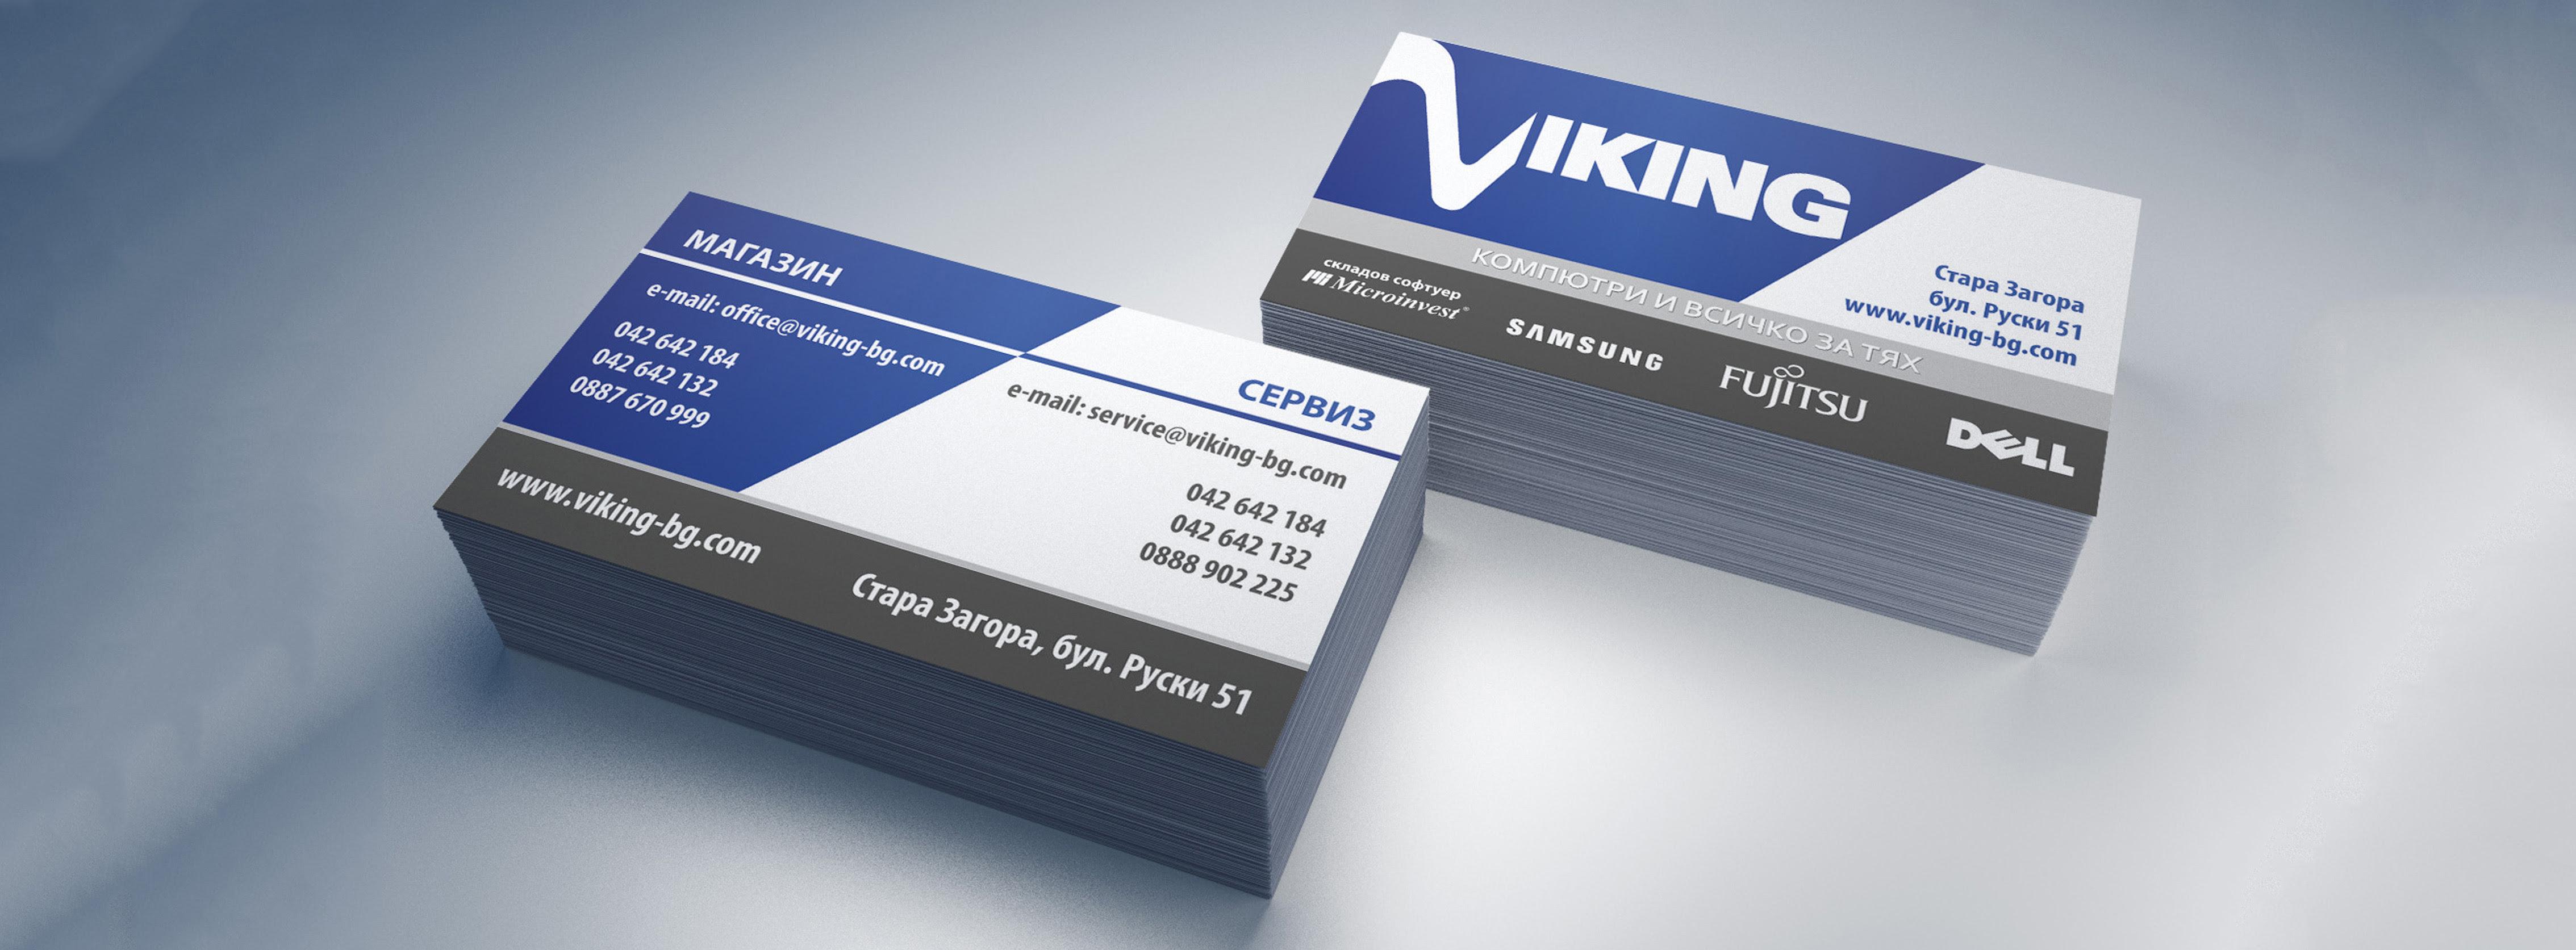 Viking-3